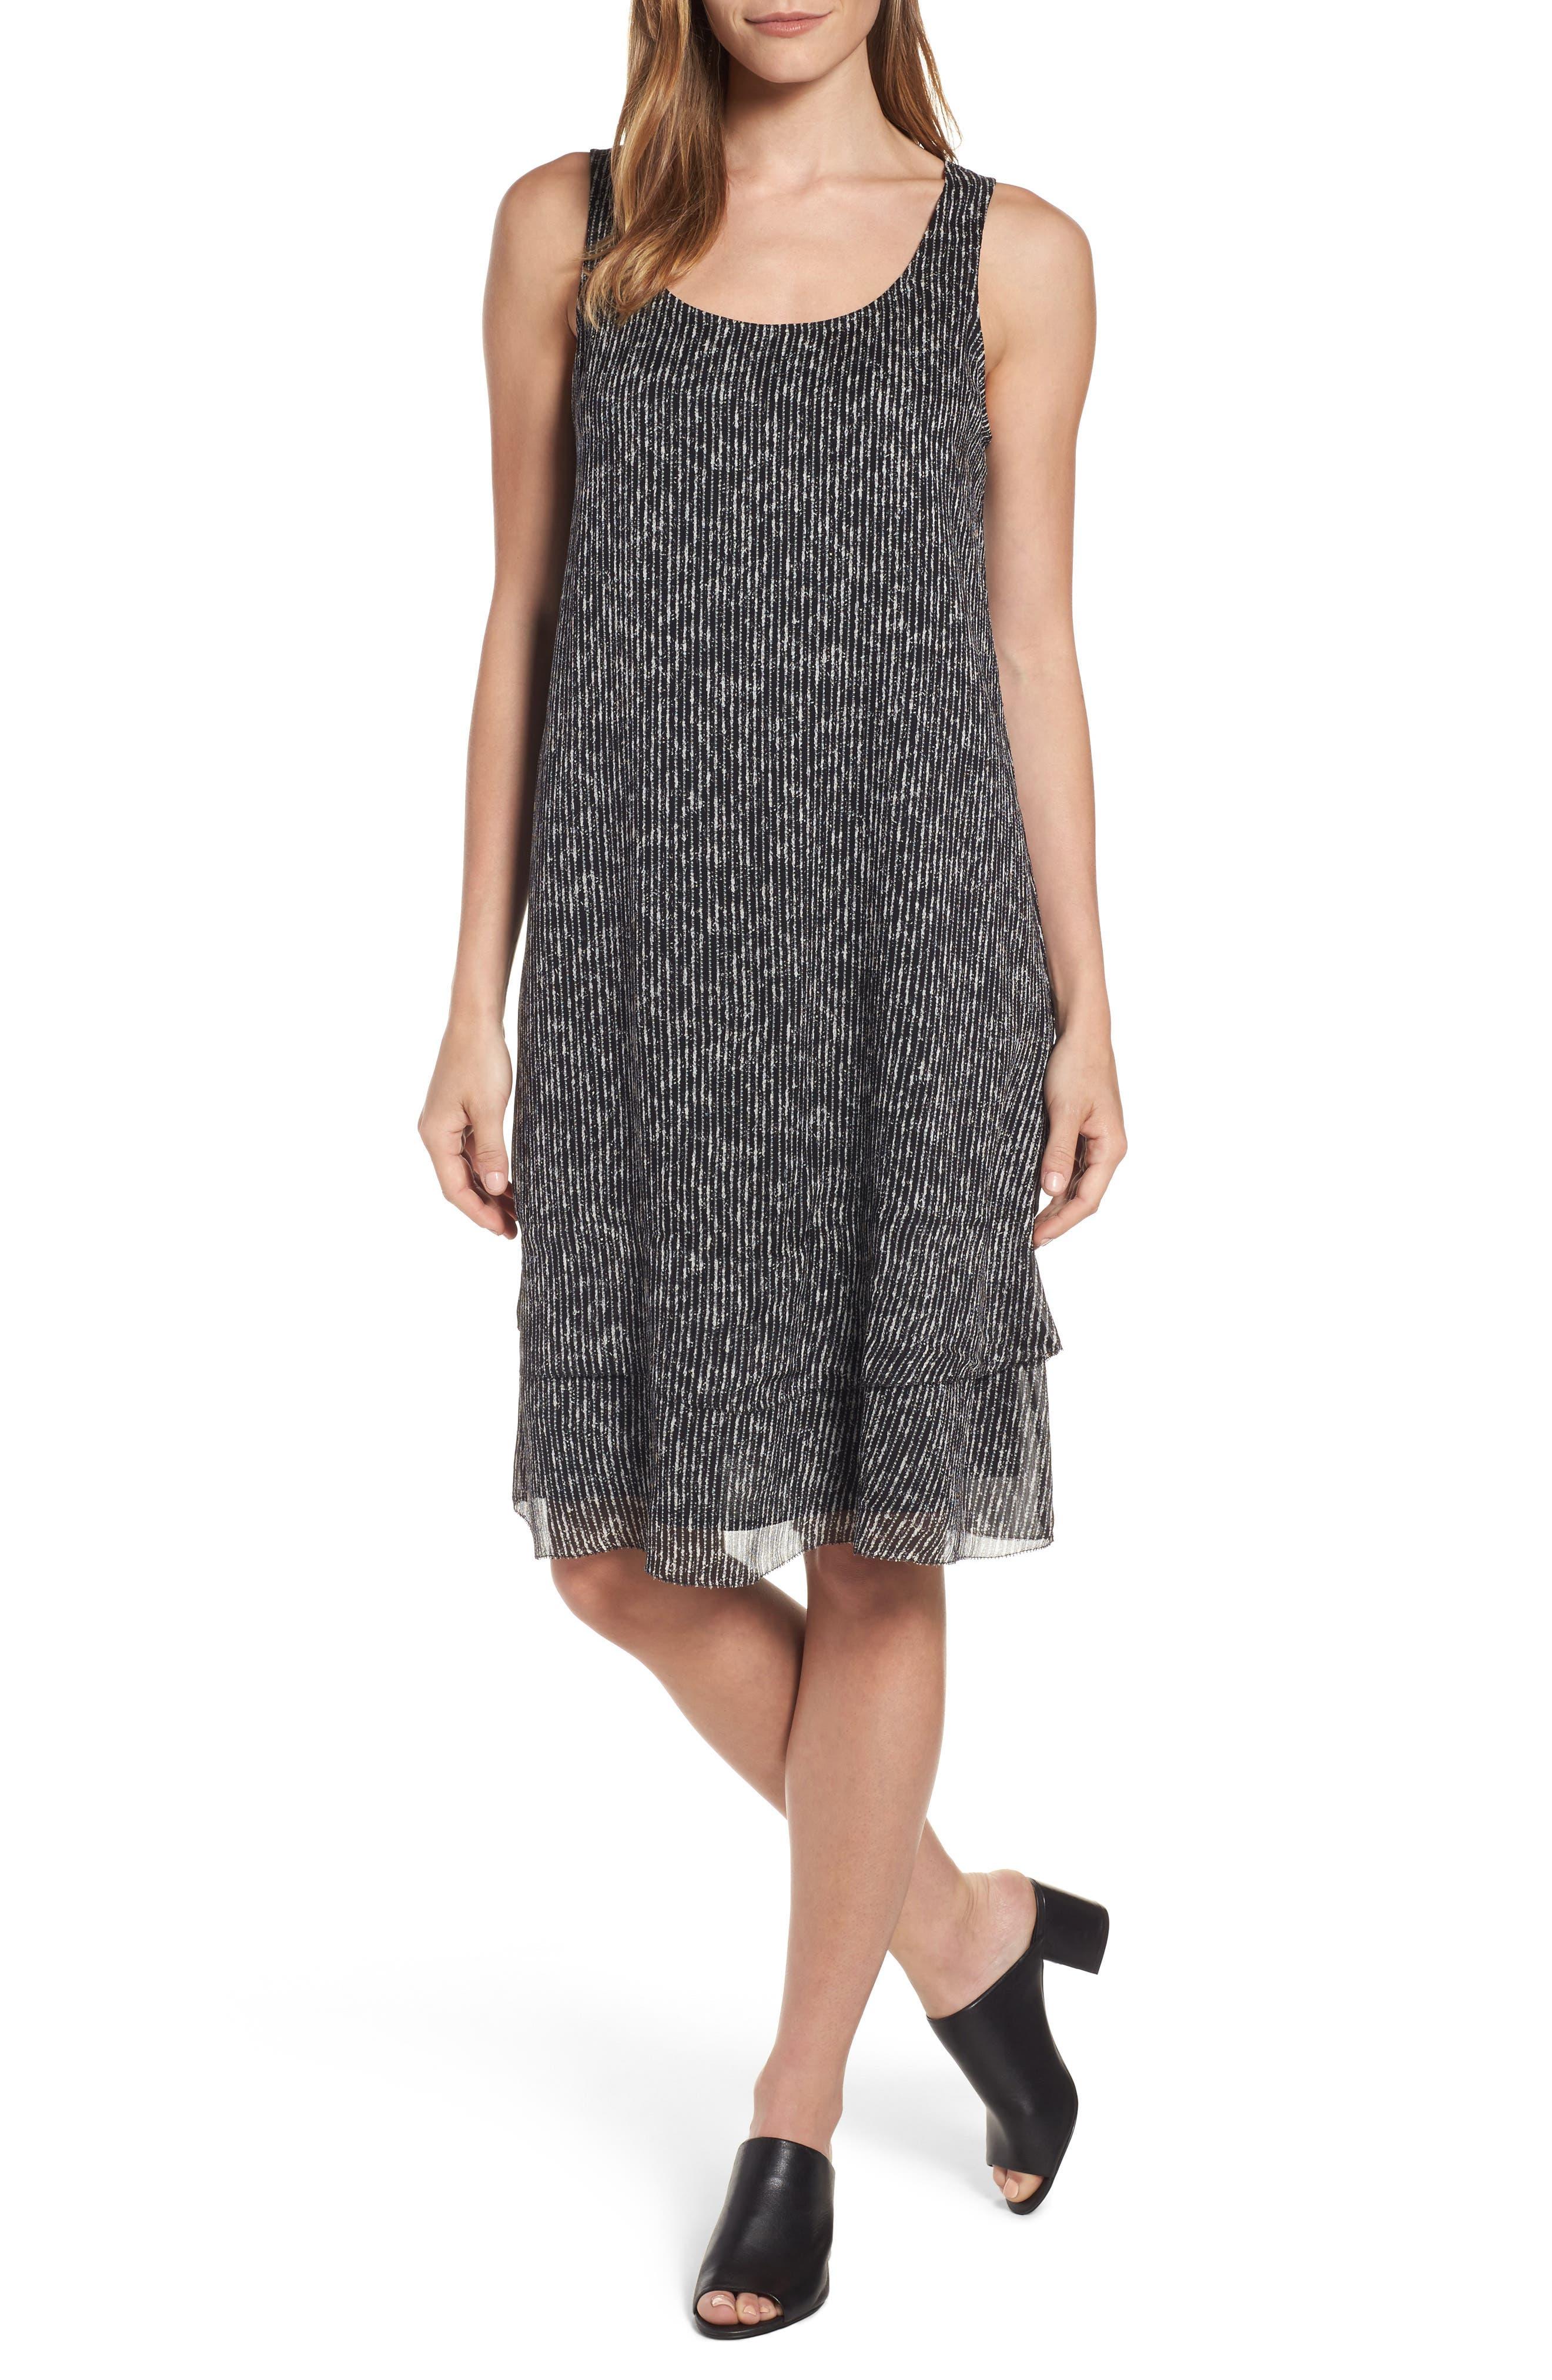 Eileen Fisher Silk Tank Dress